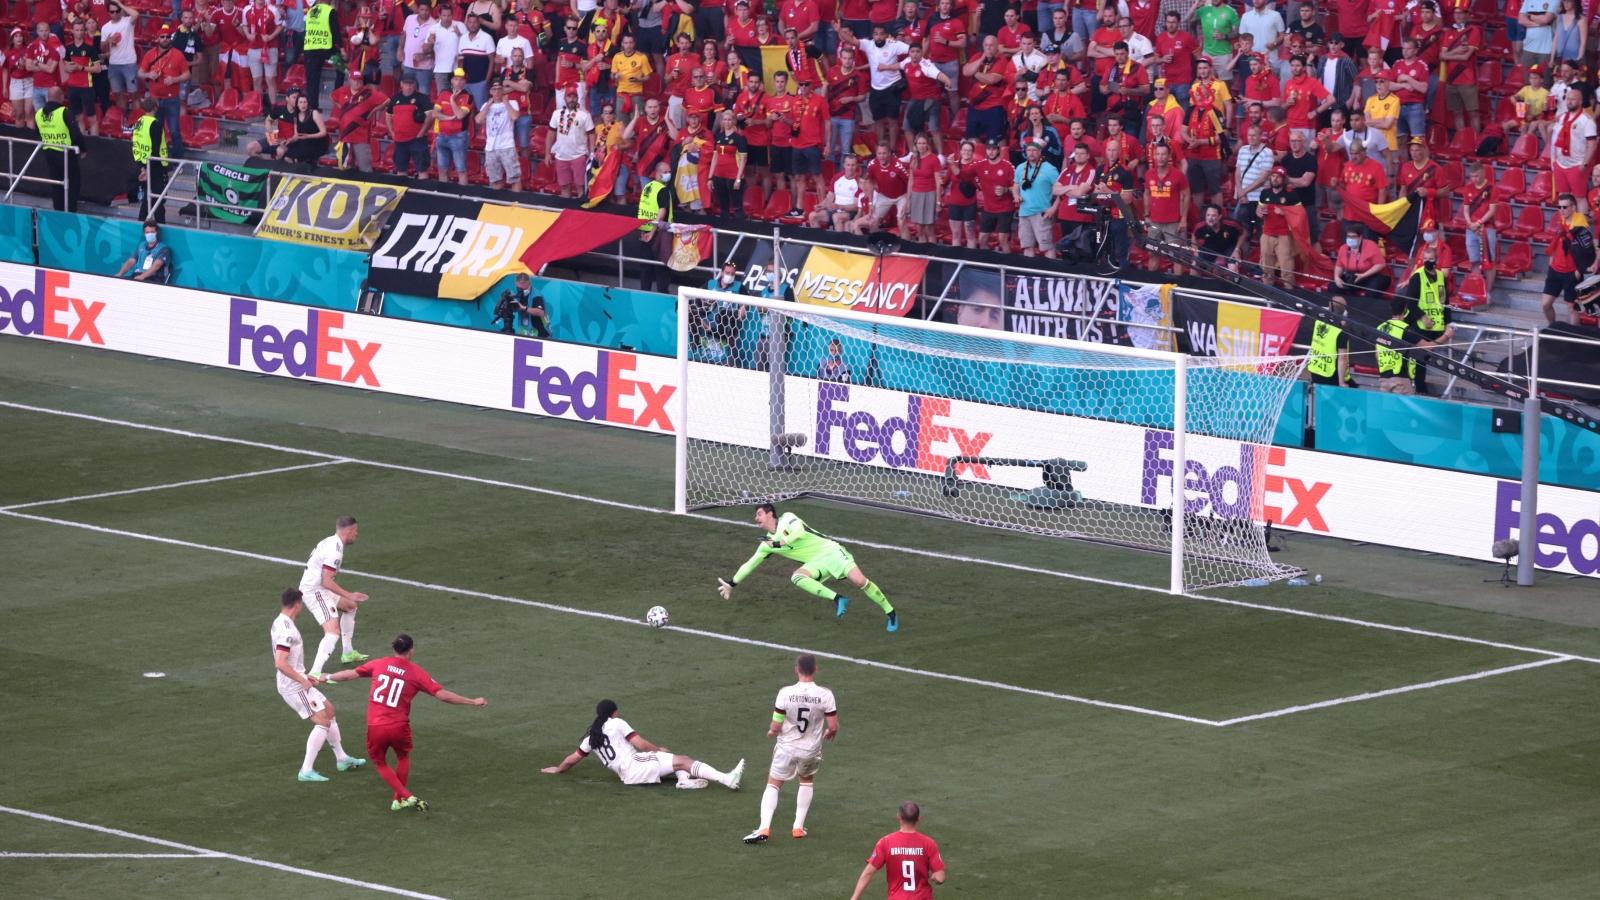 TRỰC TIẾP Đan Mạch 1-0 Bỉ: Chủ nhà tấn công rực lửa, Poulsen sớm mở tỷ số